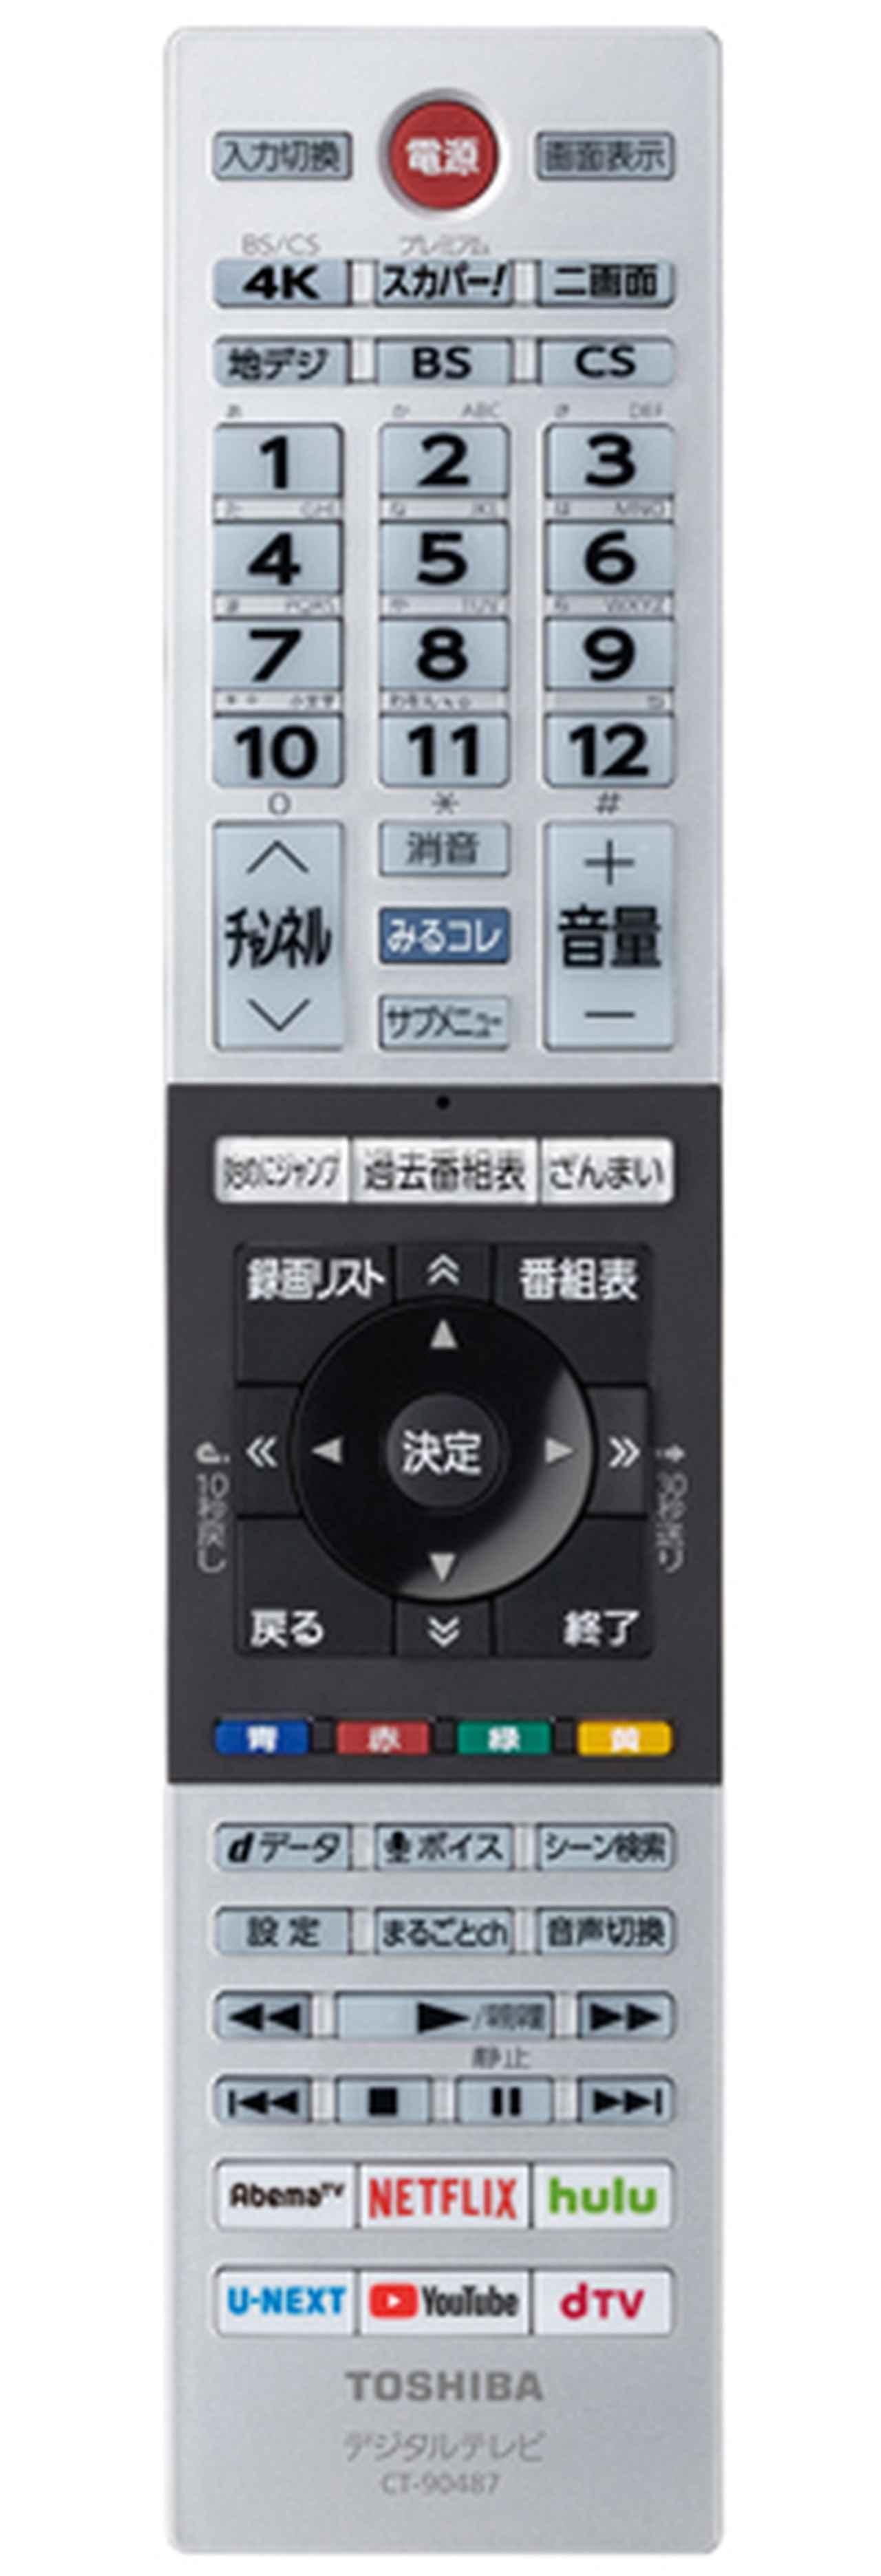 画像40: 【4Kテレビのおすすめ】2K/4K変換処理の性能がアップ!評価の高い15機種を徹底比較